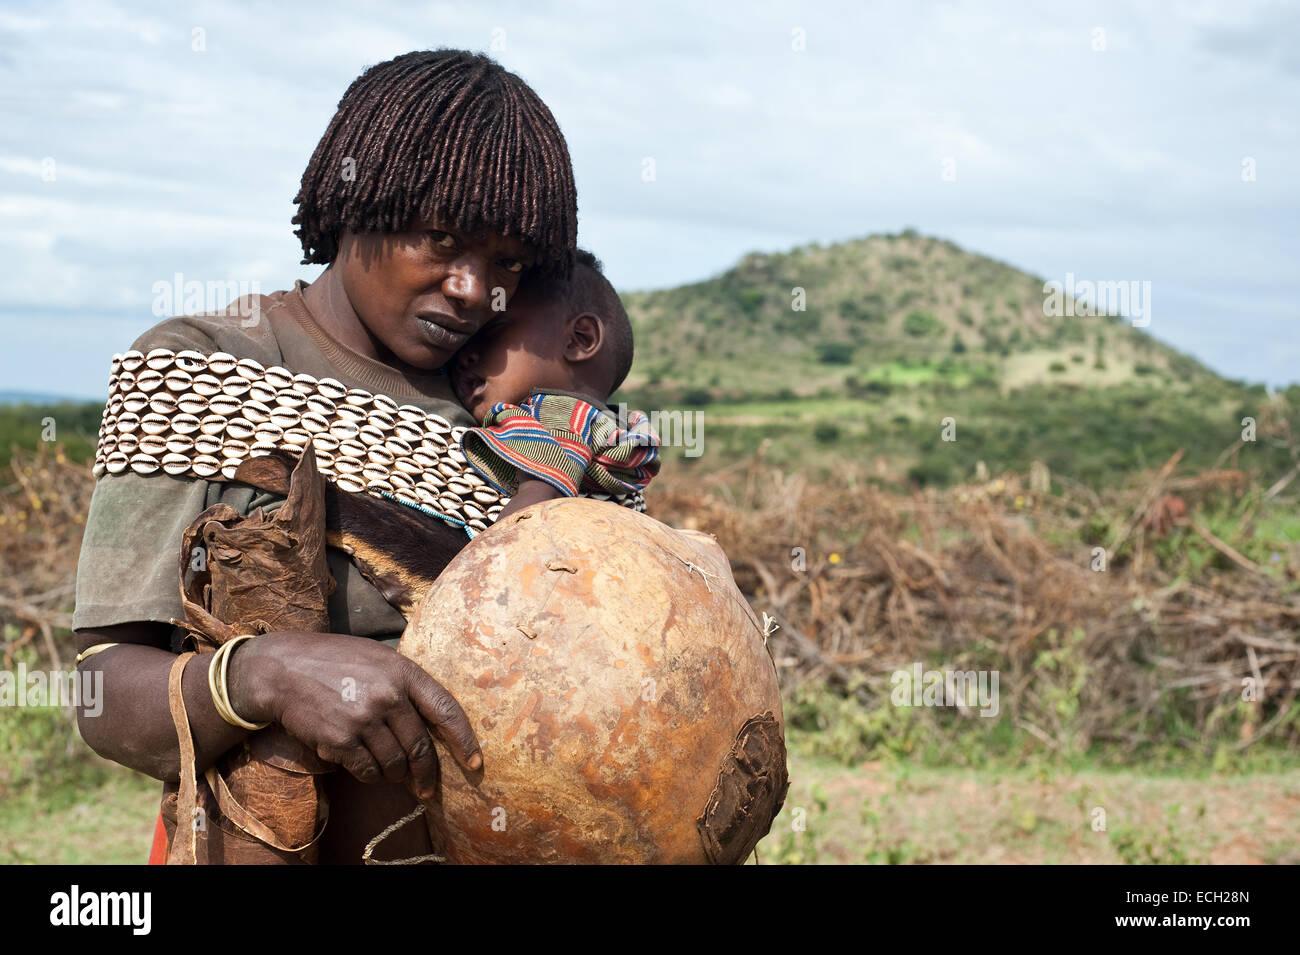 La madre e il bambino appartenenti alla tribù Banna ( Etiopia) Immagini Stock